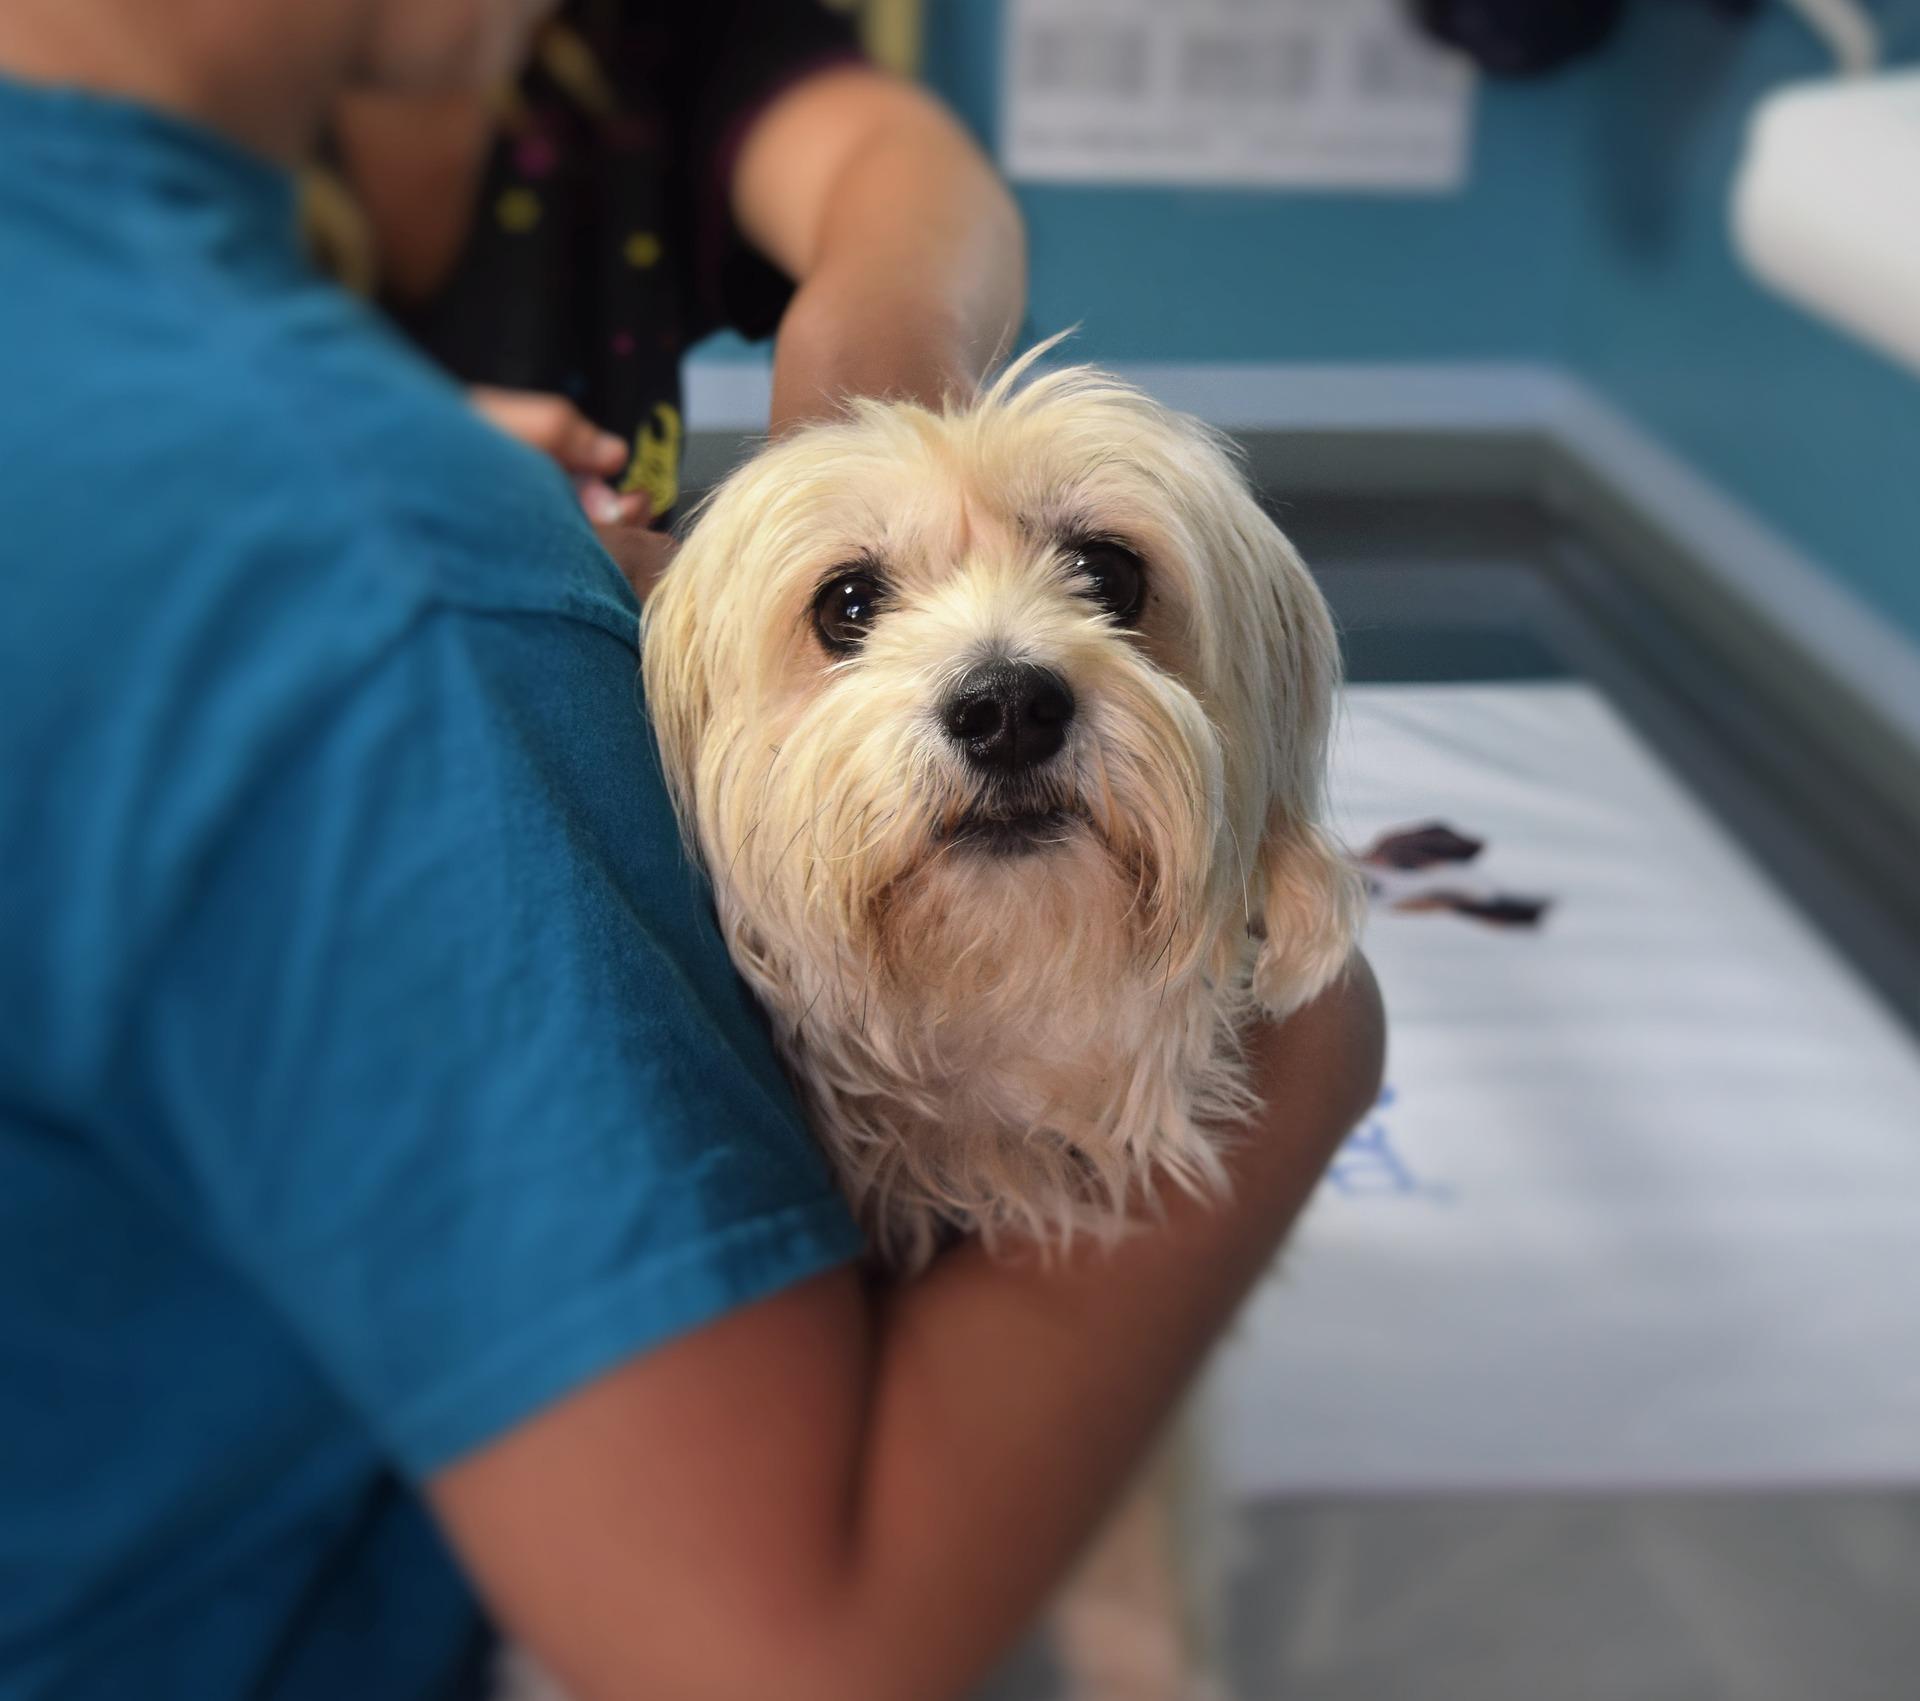 犬や猫、ペットの病気もセカンドオピニオン?動物病院探しやペット保険のおすすめは?